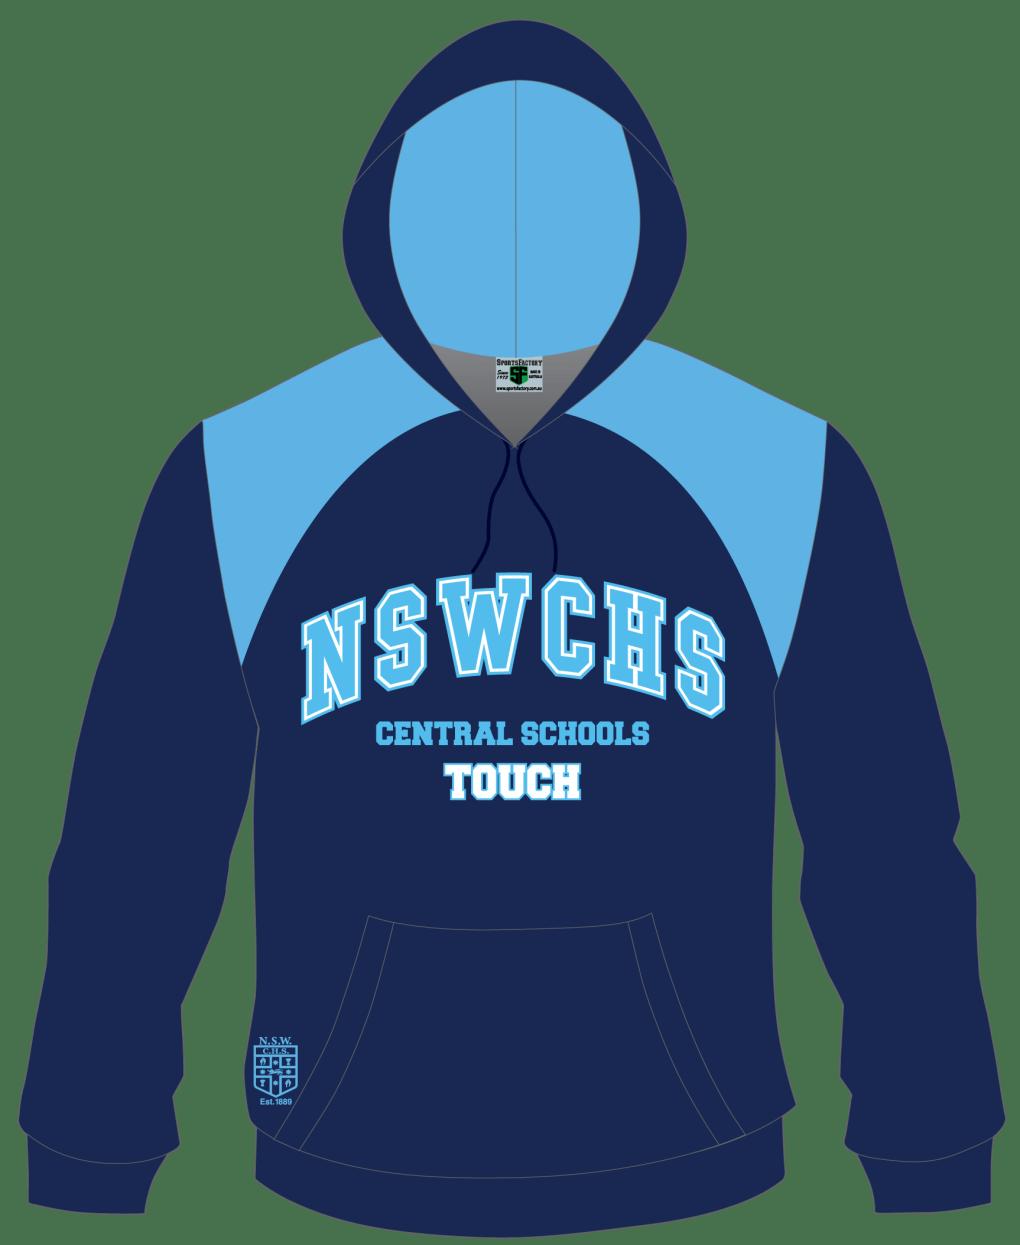 NSWCHS Central Schools Souvenir Apparel Uniforms